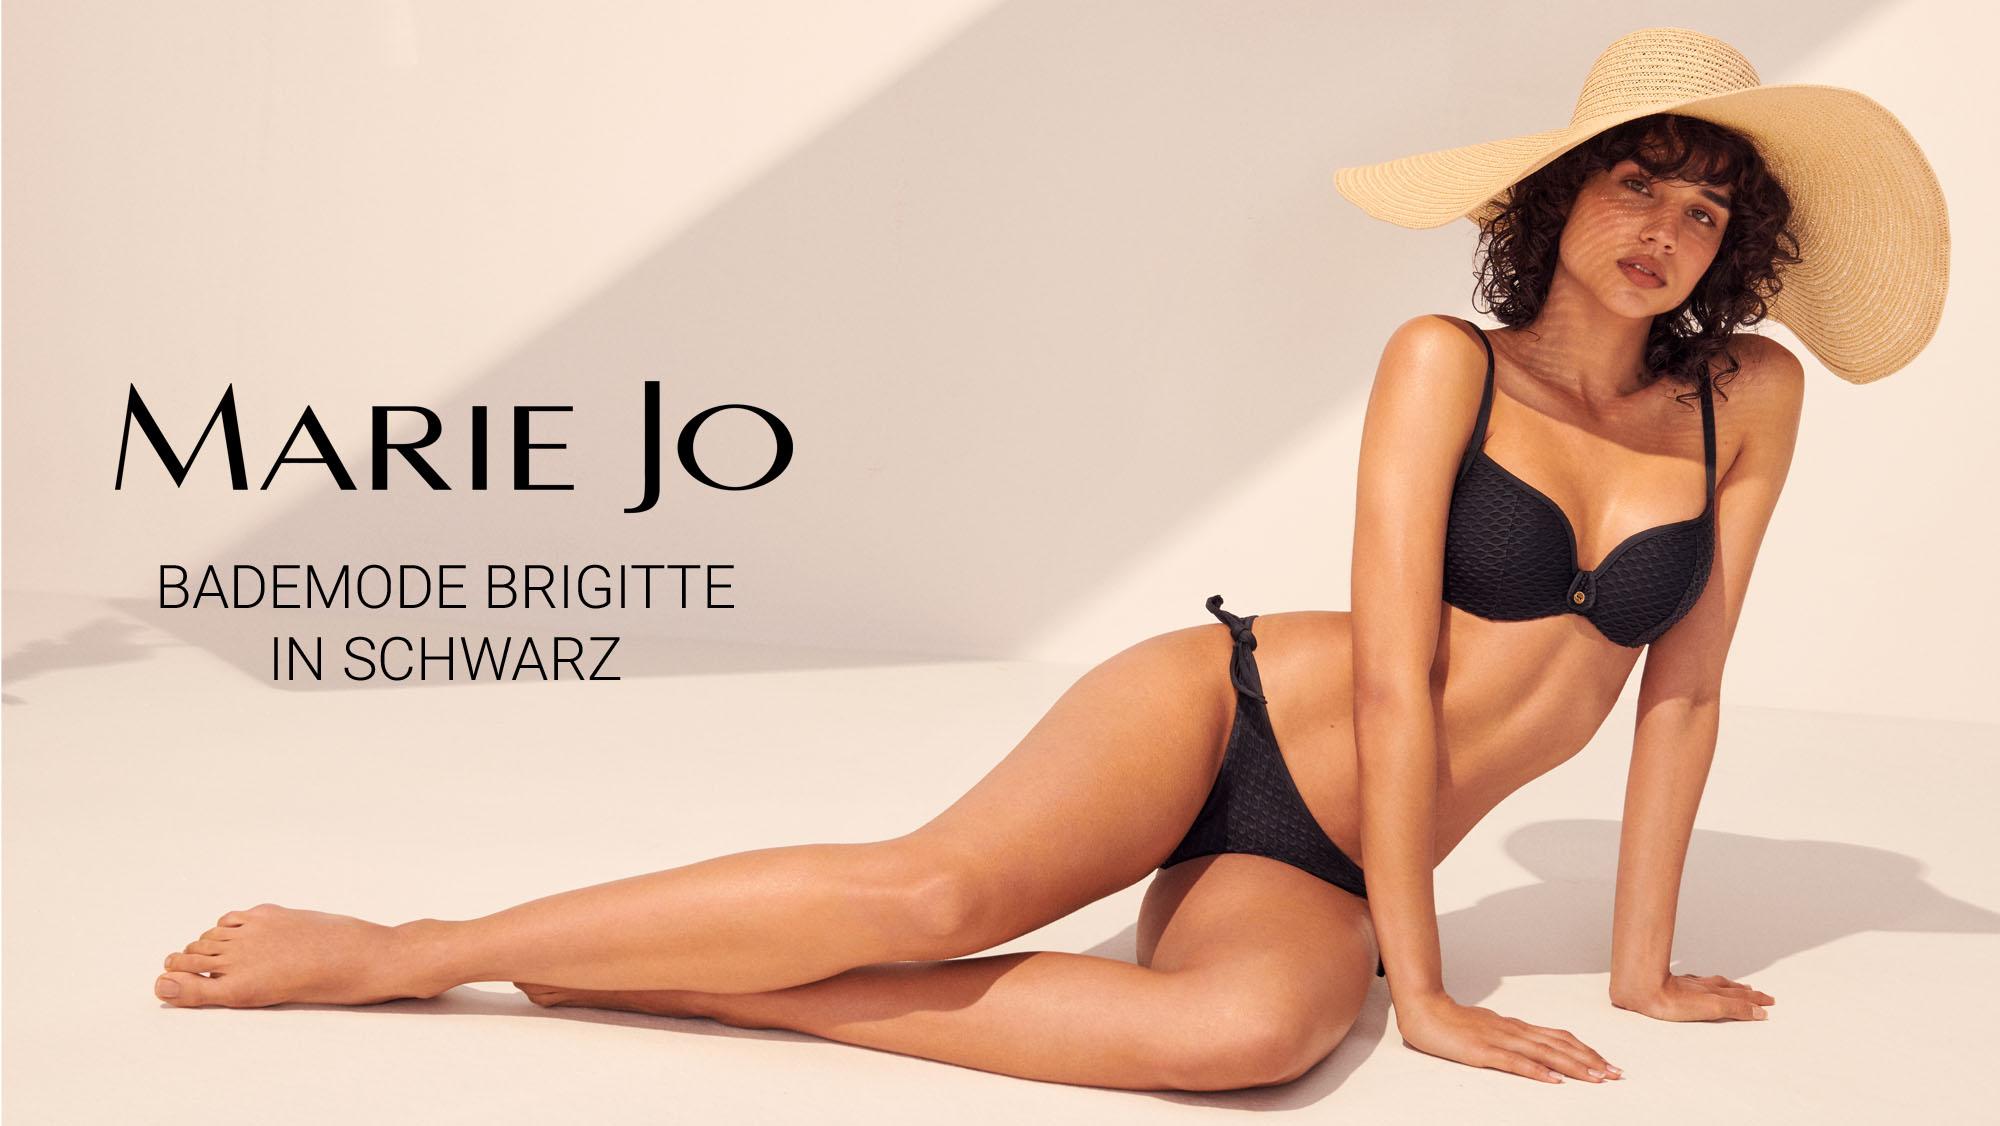 Marie Jo Bademode Brigitte